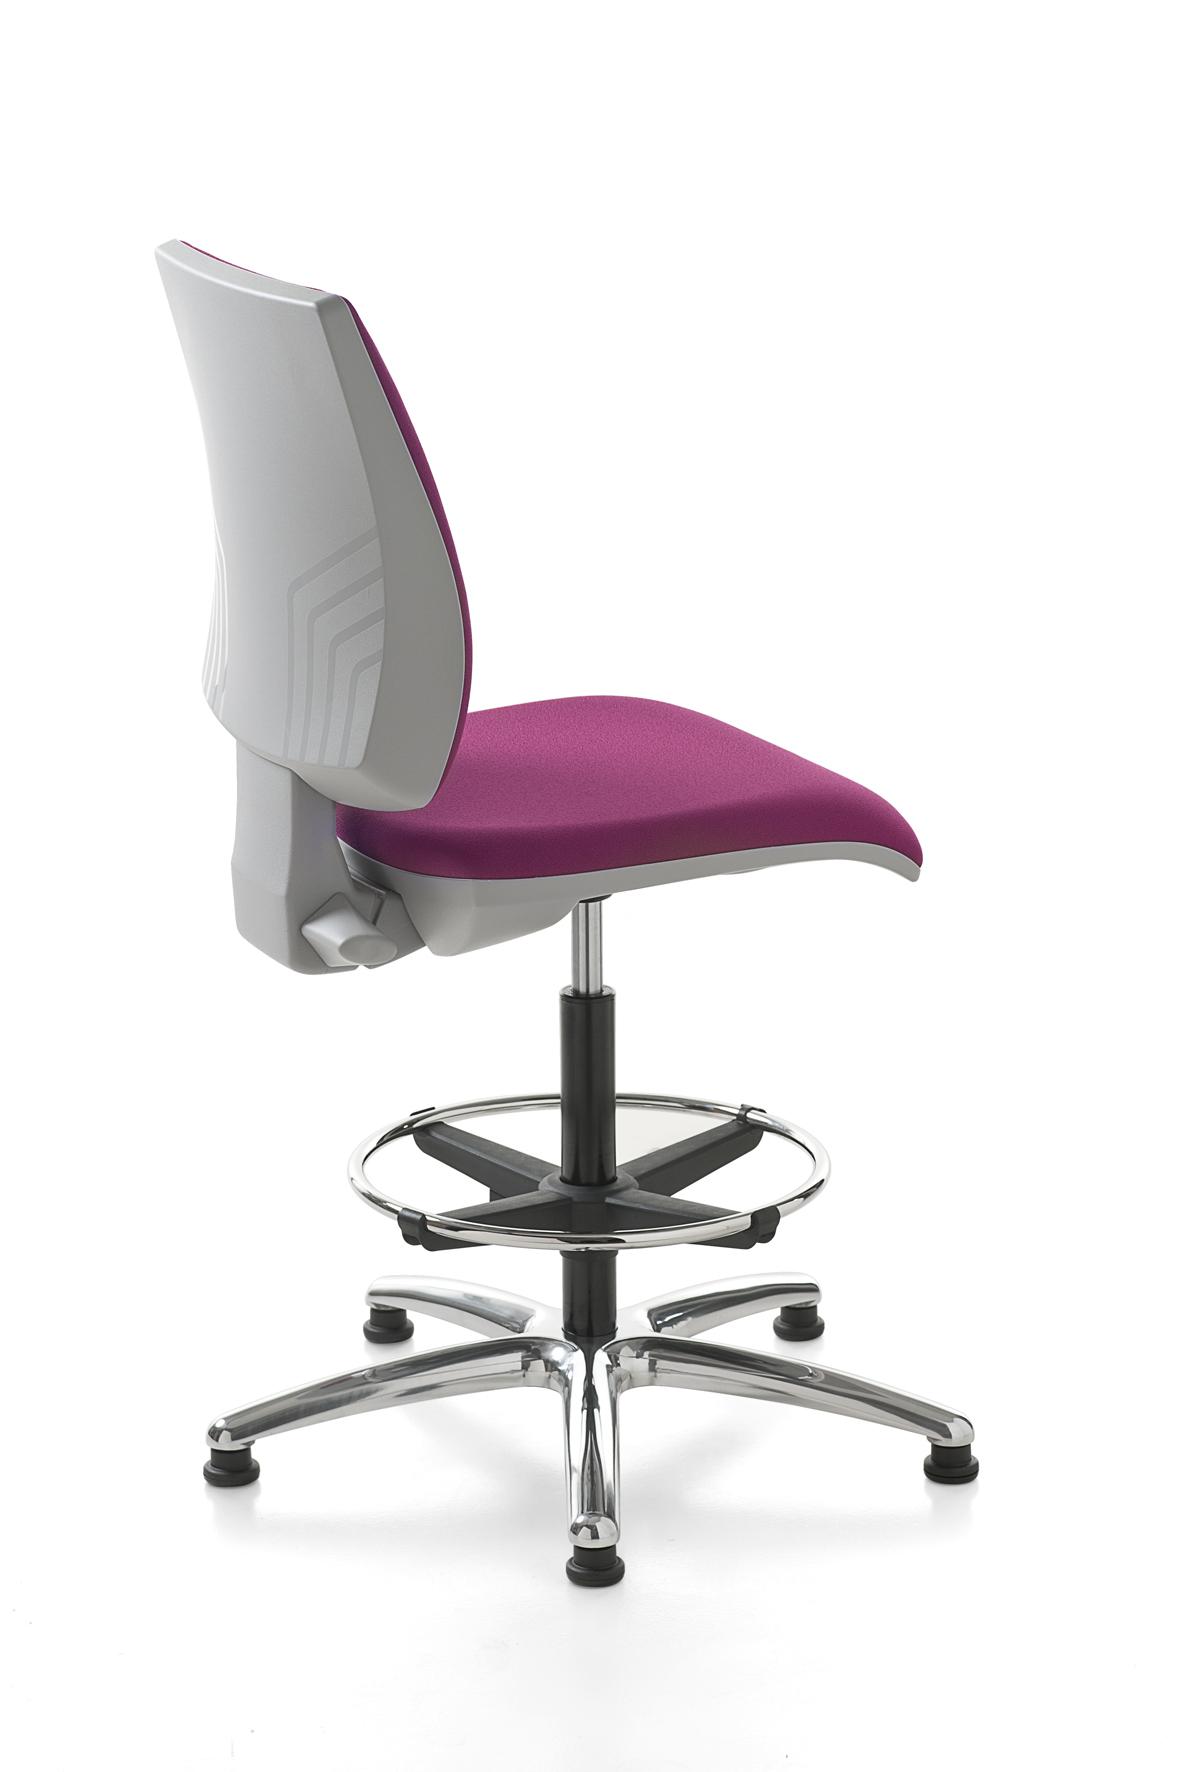 Kubix stool